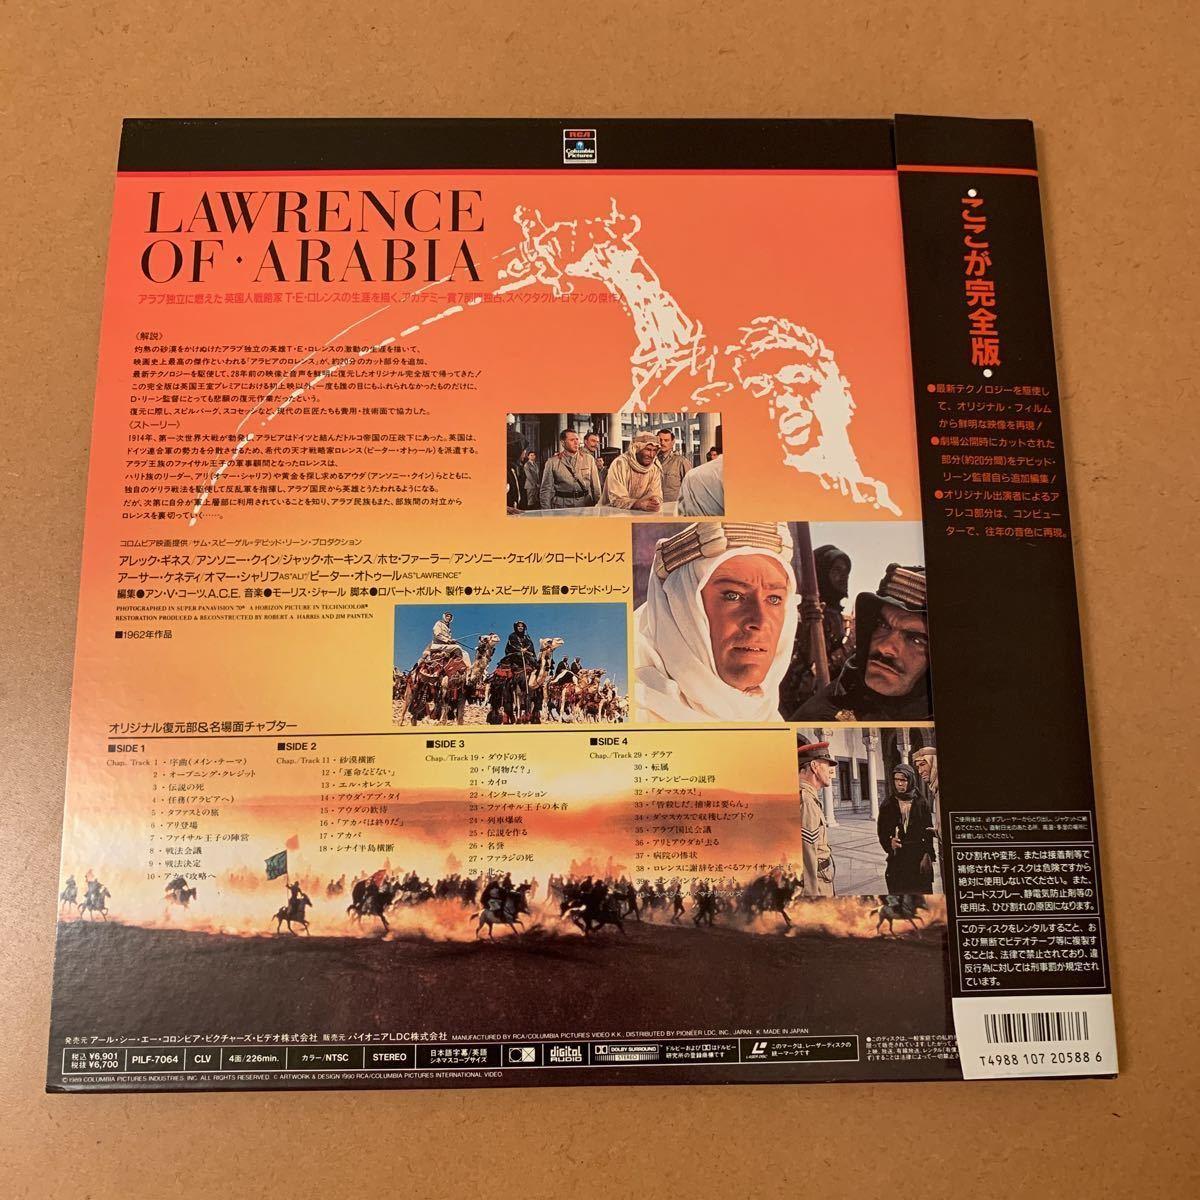 【映画 レーザーディスク】『アラビアのロレンス』完全版 LDソフト 2枚組 帯付き_画像2